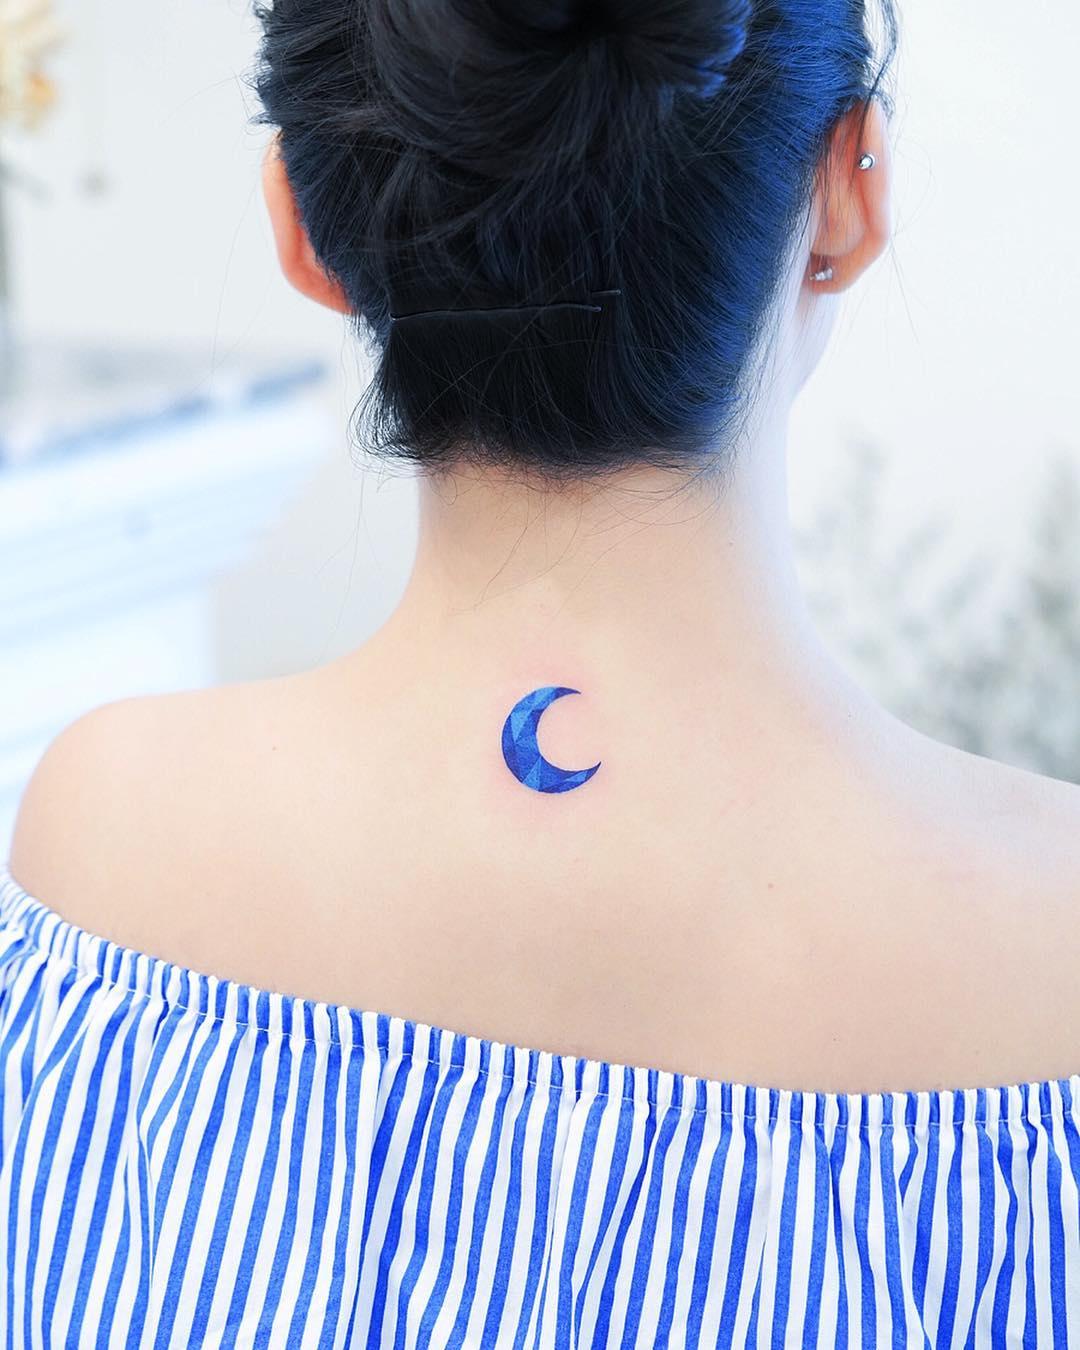 25張其實真的不會痛的「文藝風刺青」 肩膀灑出星星海超夢幻♥